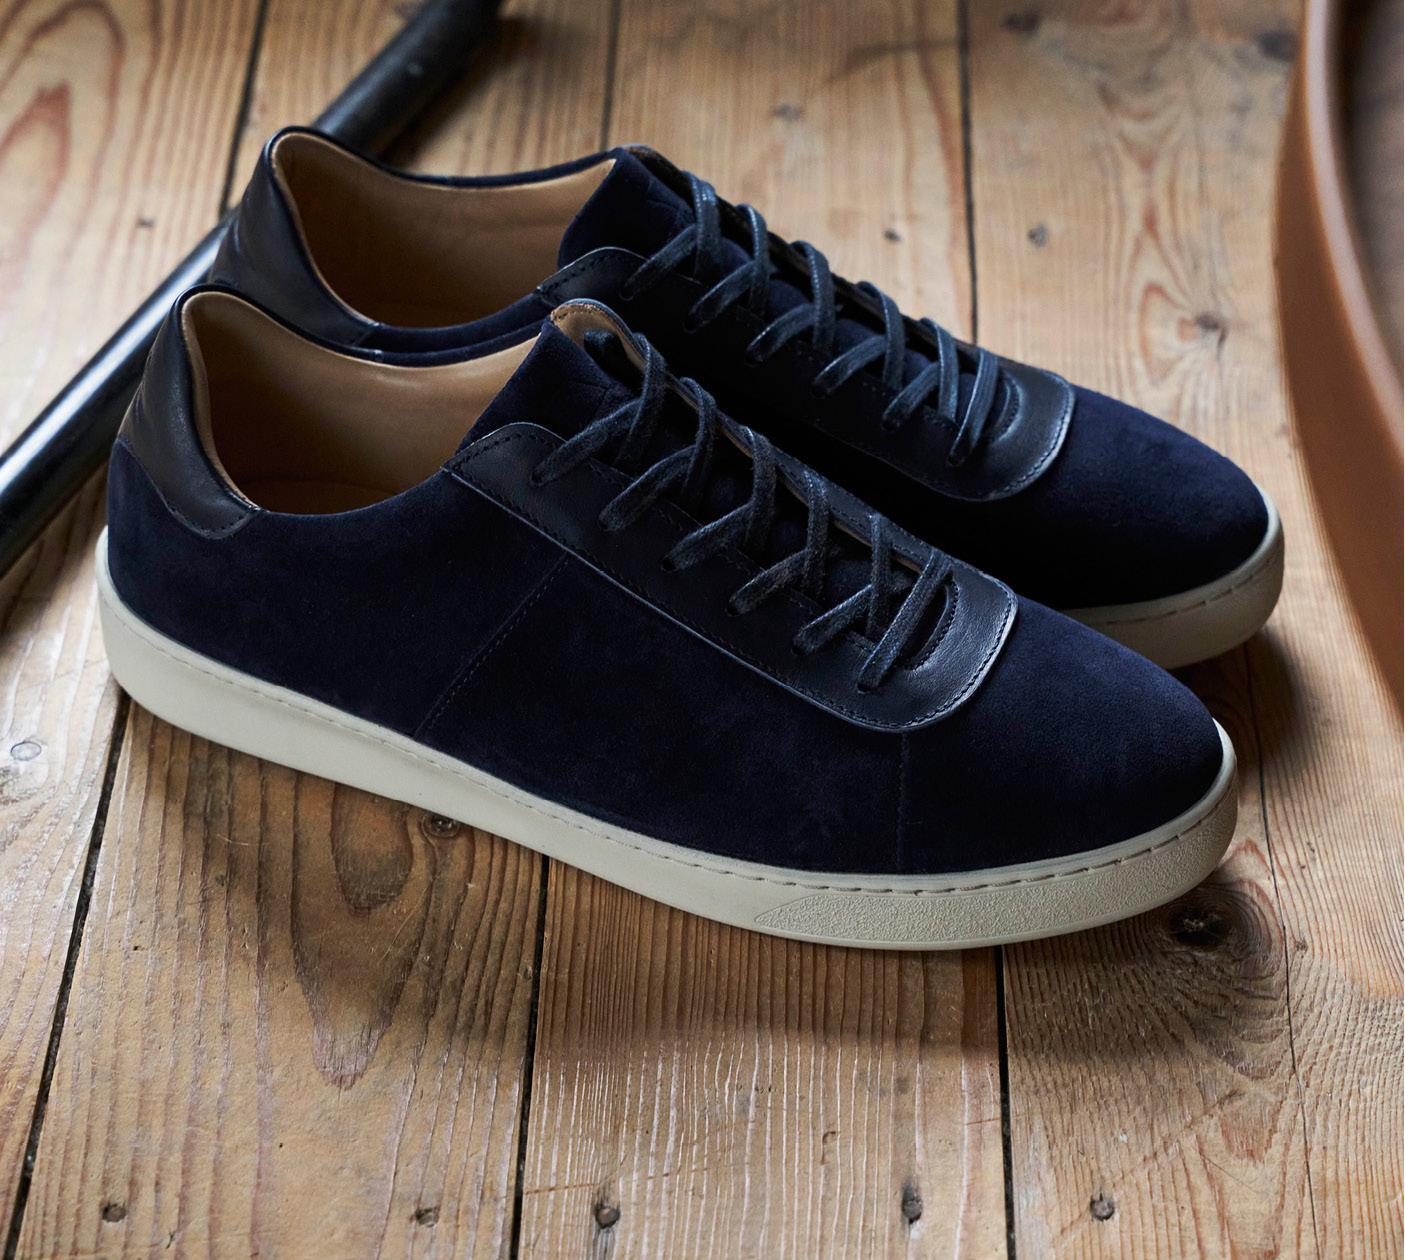 Uniform Dressing - Mens Sneakers in Dark Blue Suede